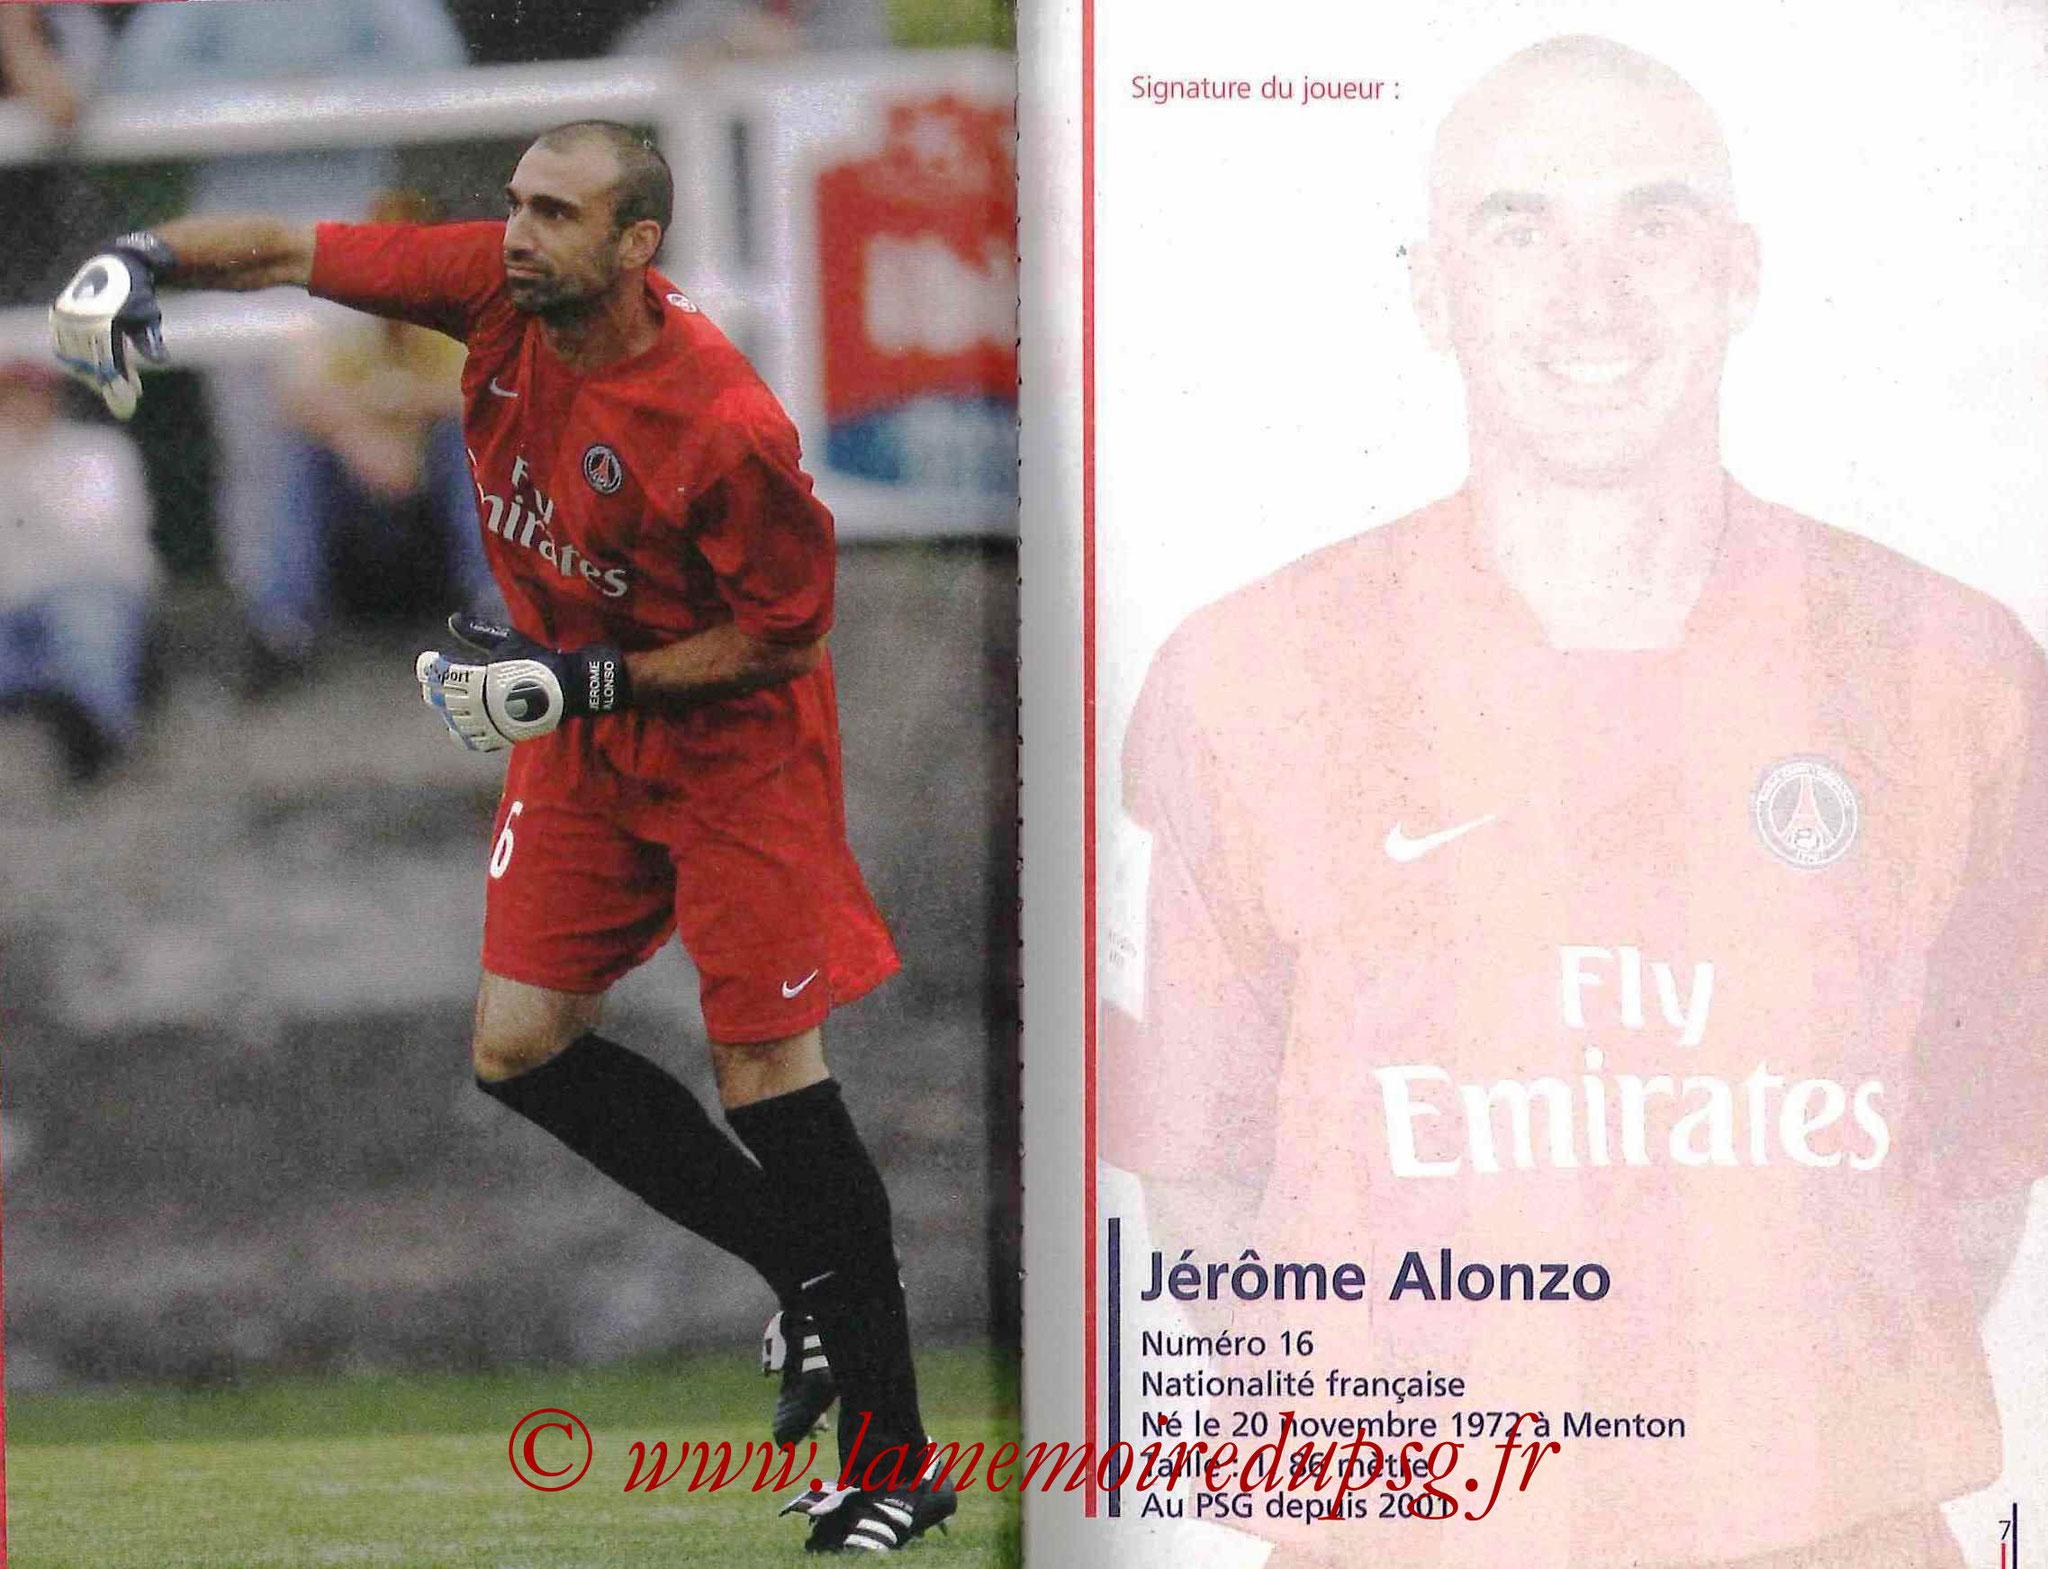 2007-08 - Guide de la Saison PSG - Pages 6 et 7 - Jerome ALONZO